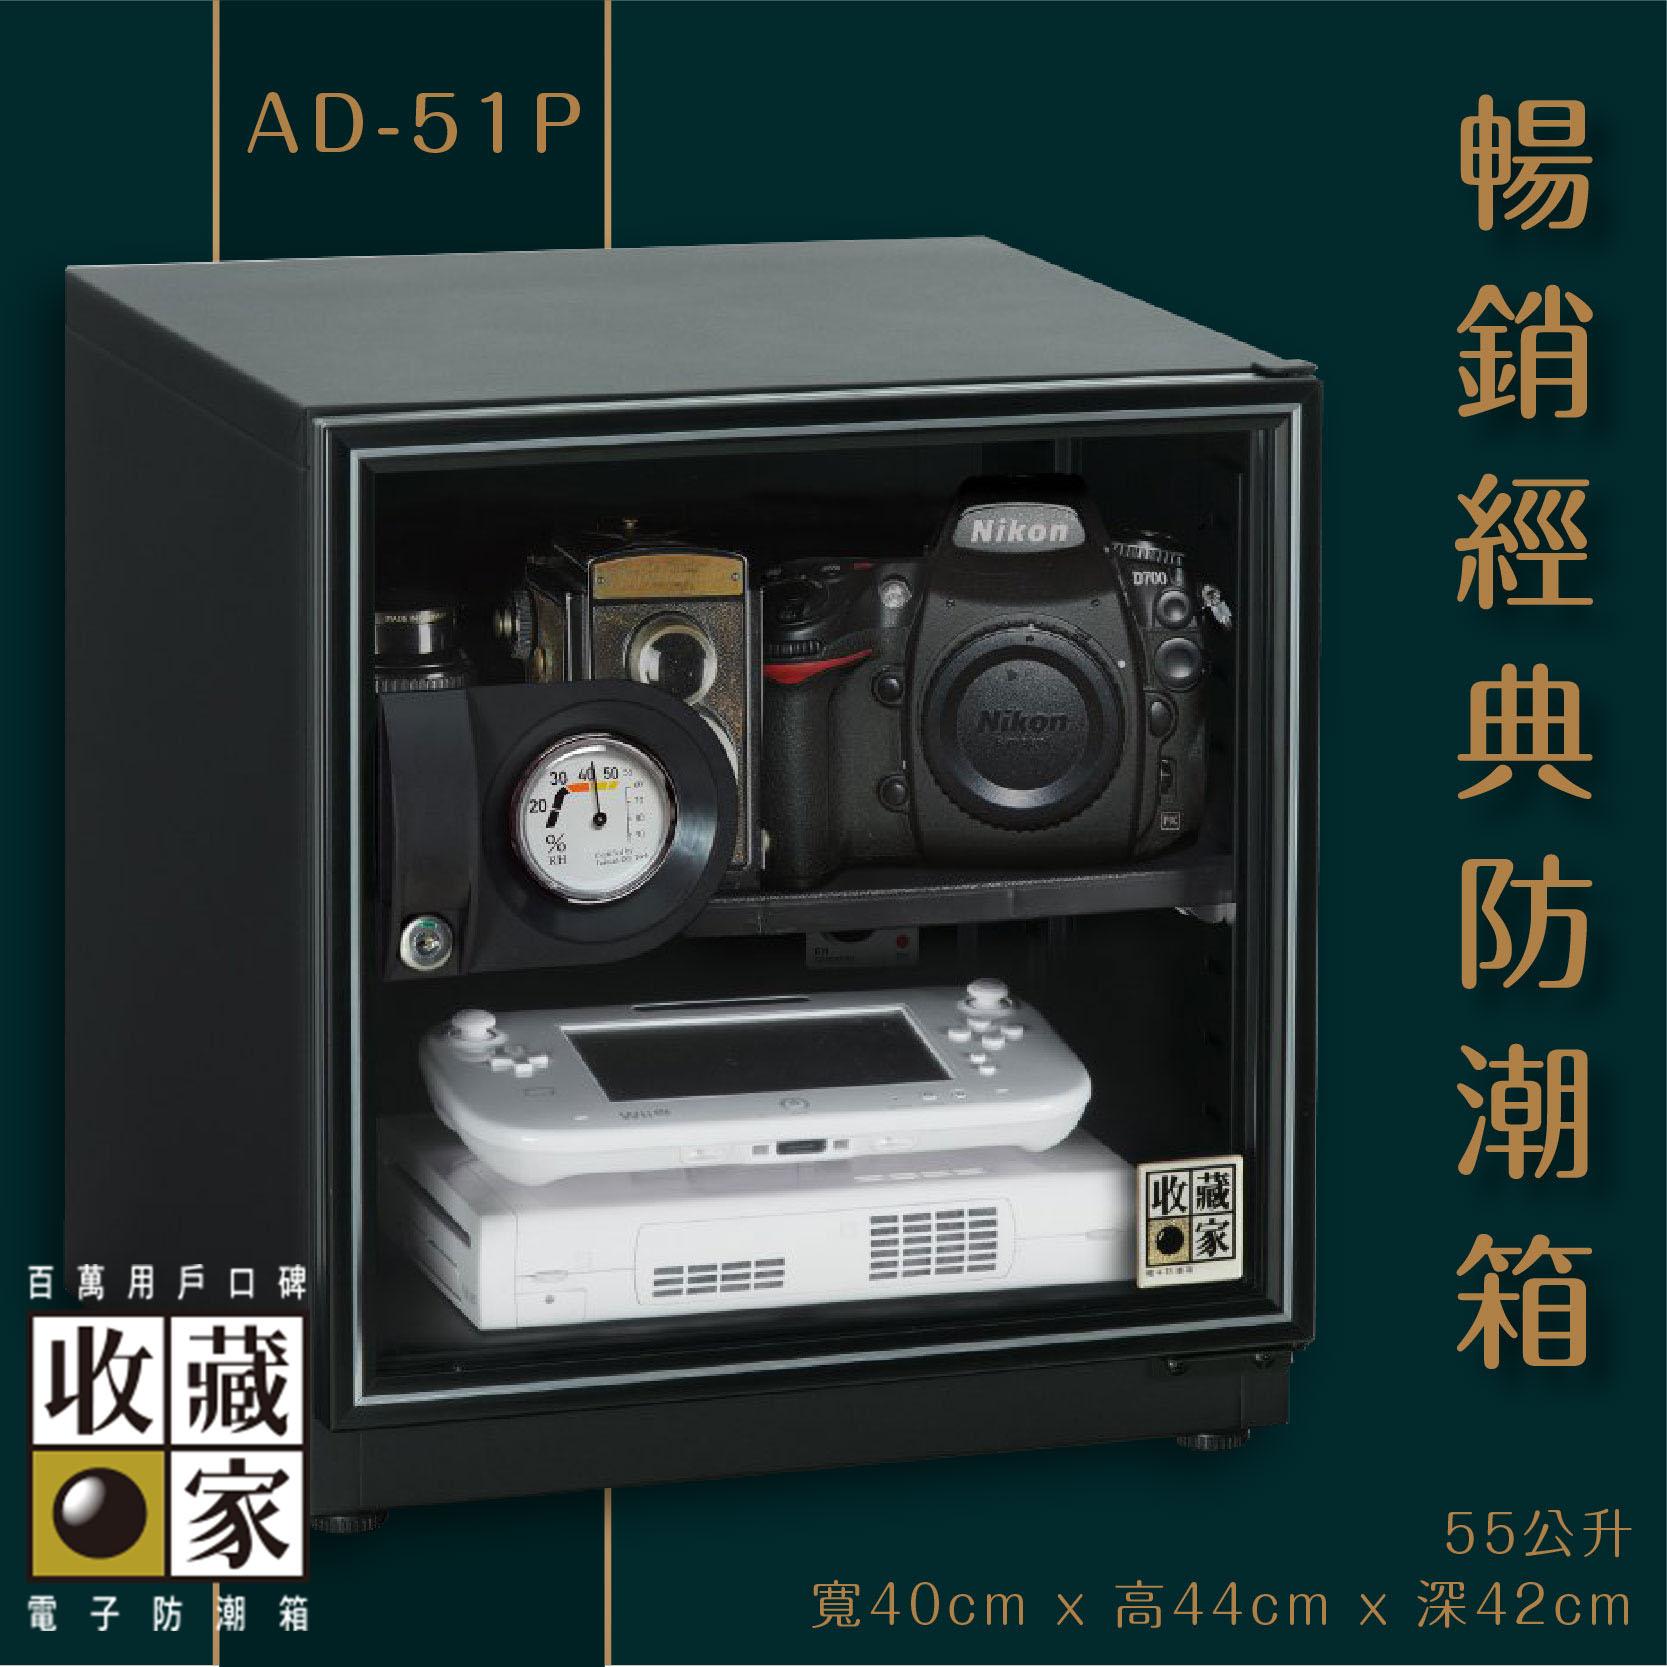 收藏家 AD-51P 暢銷經典防潮箱 55公升入門款 相機 鏡頭 相機數位電子保存 主機五年保固